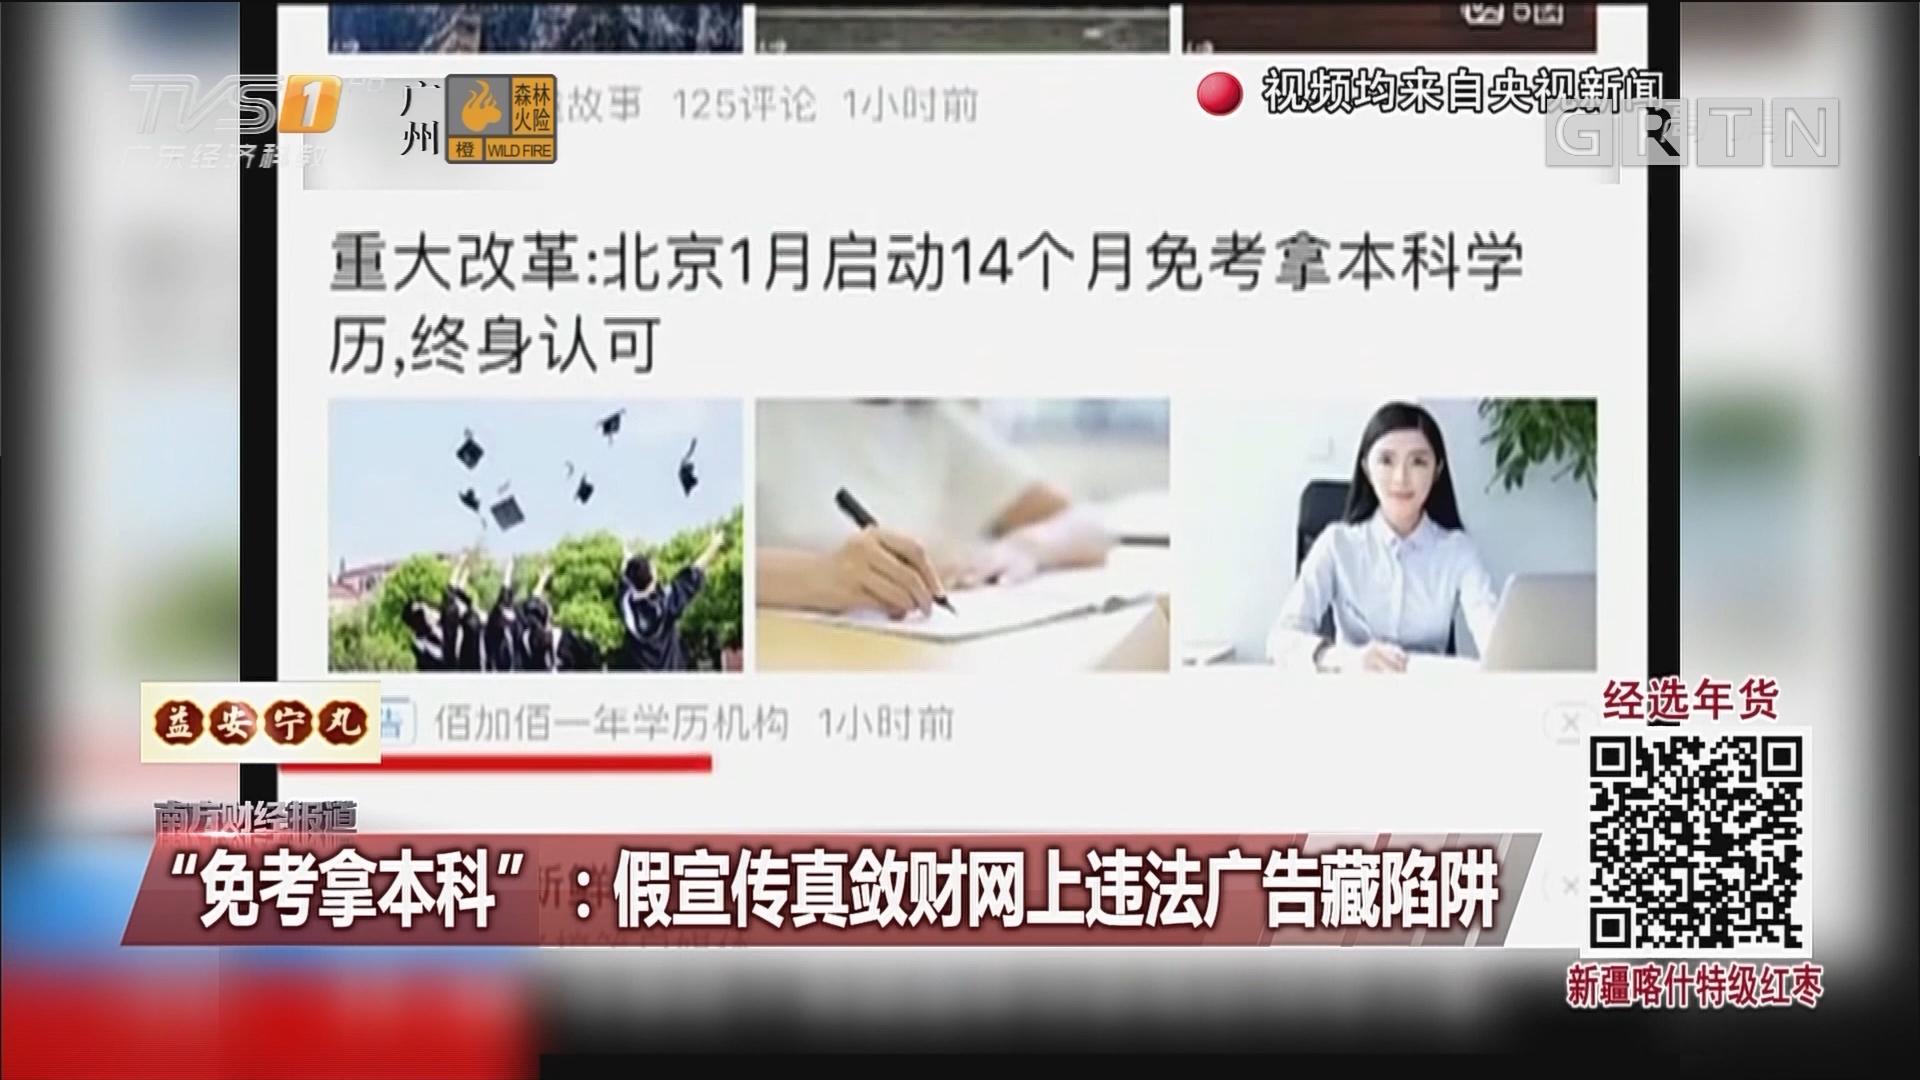 """""""免考拿本科"""":假宣传真敛财网上违法广告藏陷阱"""